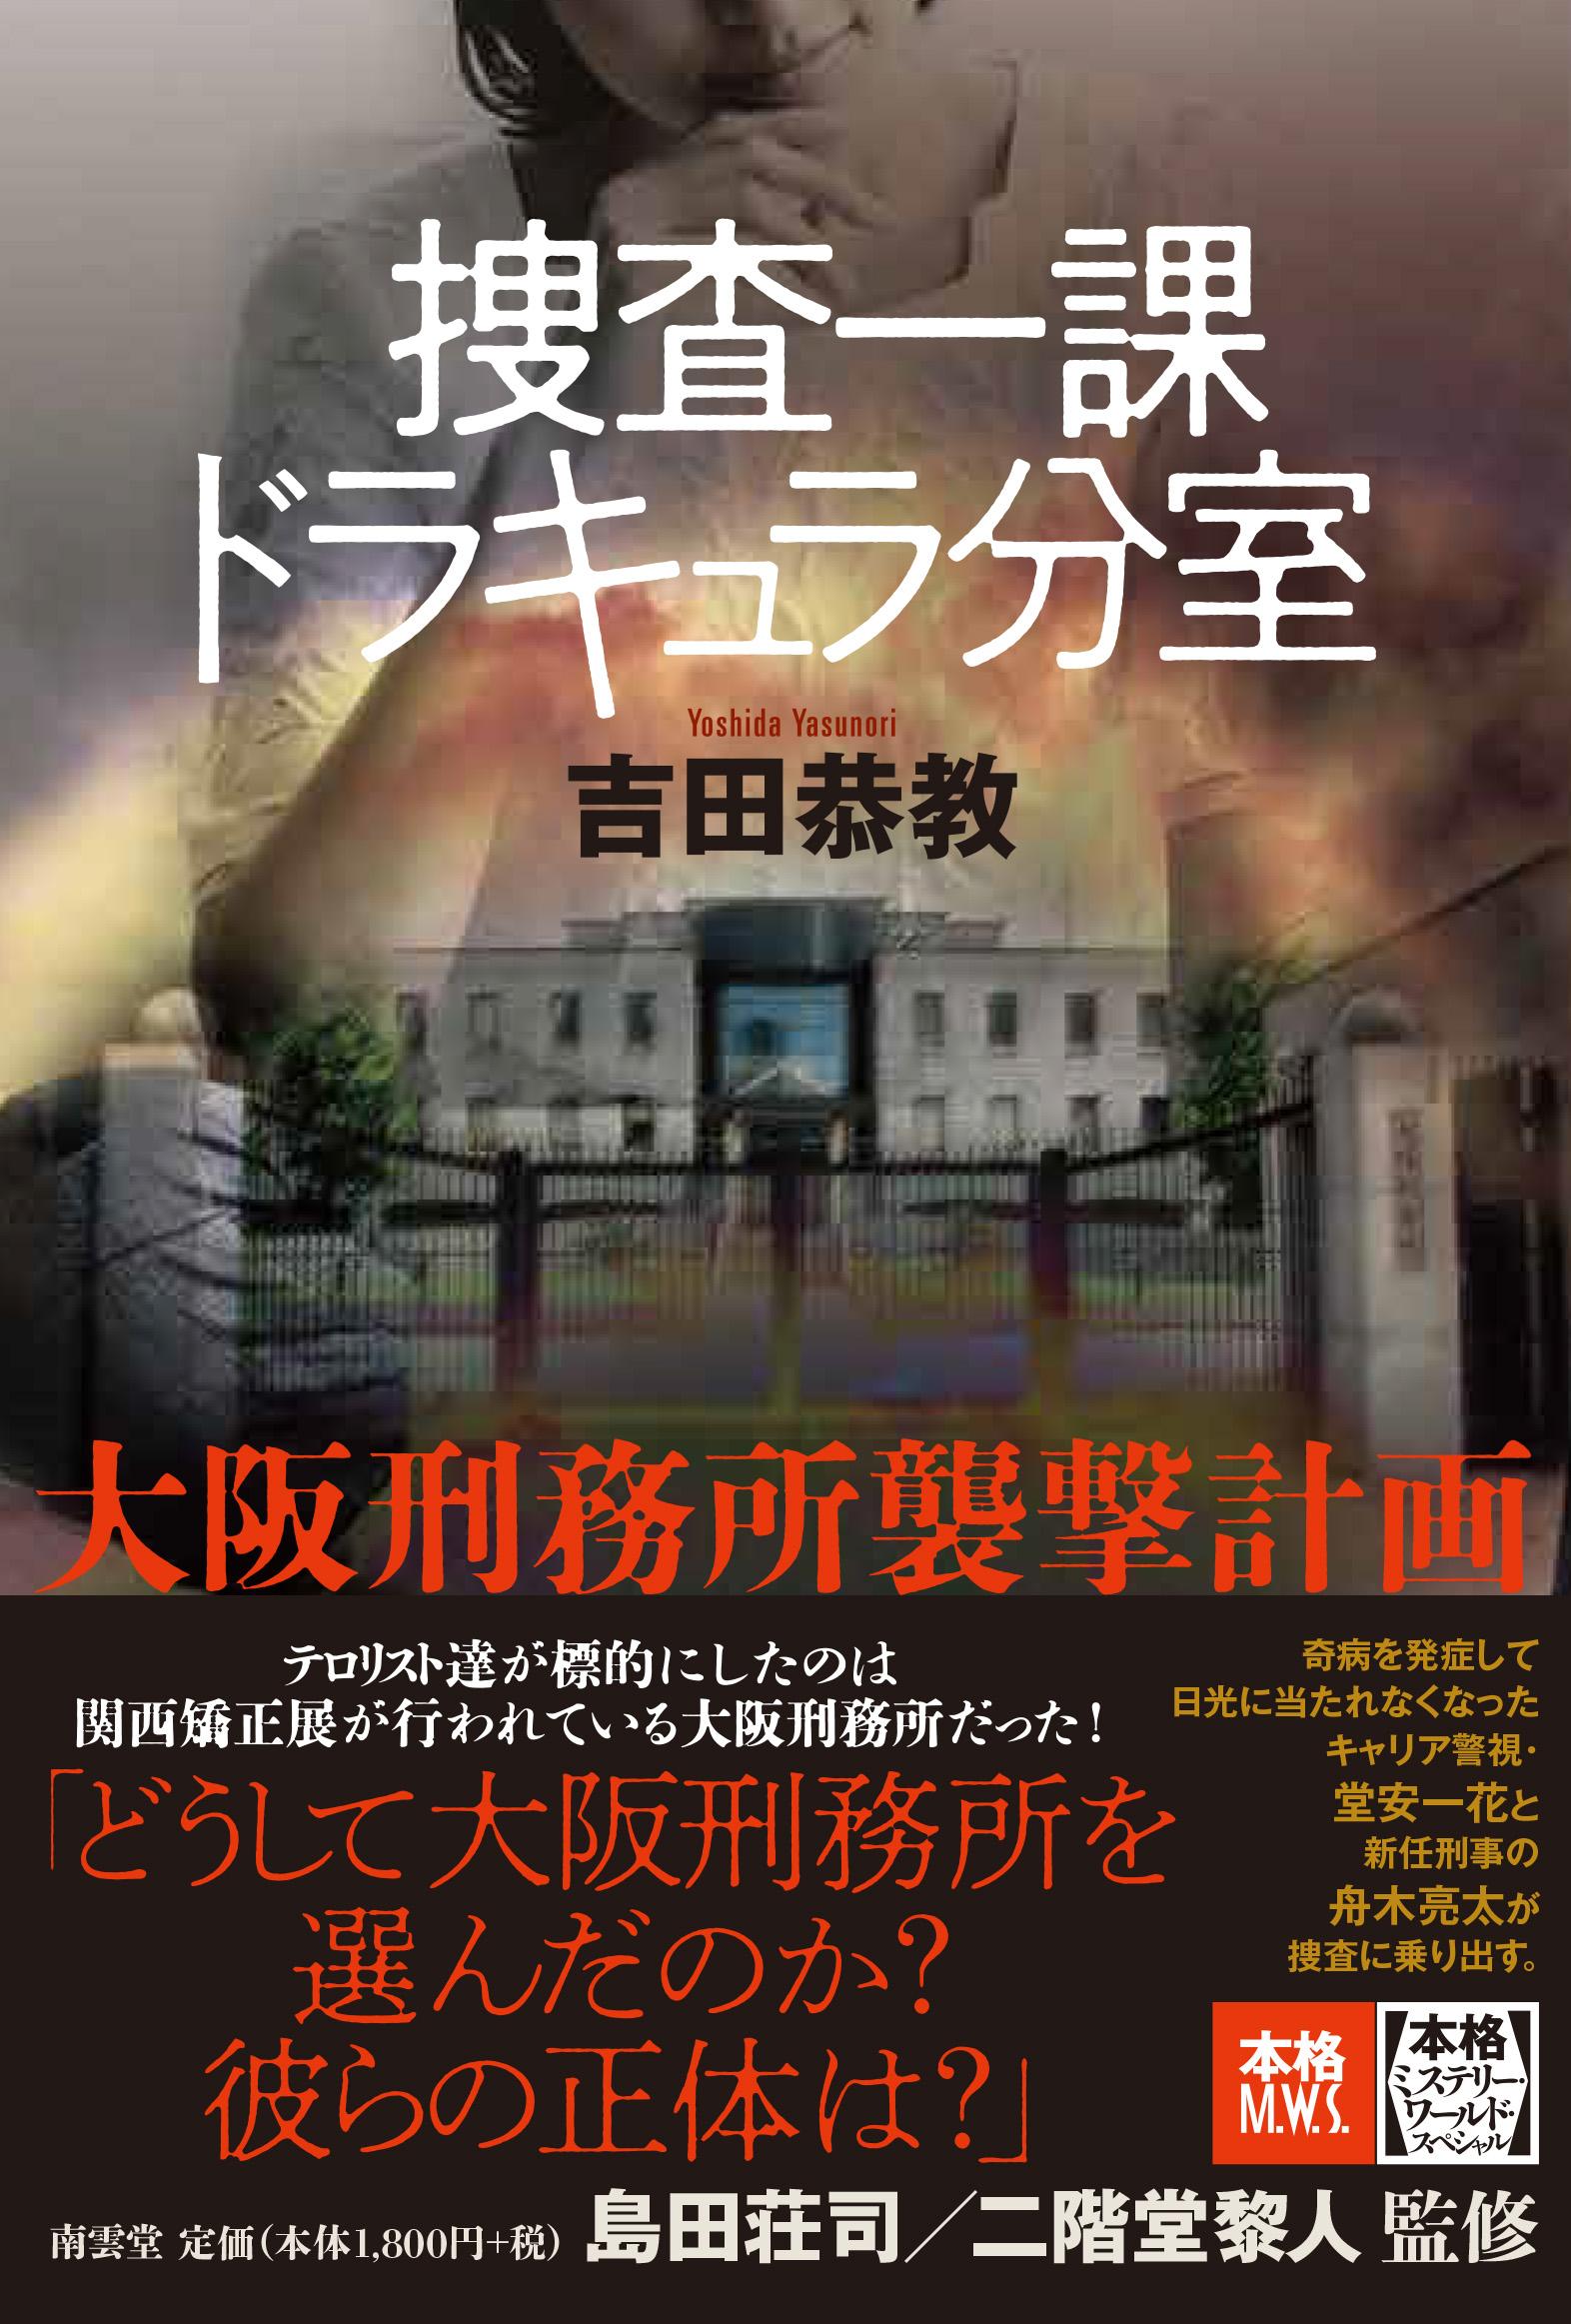 吉田恭教の新シリーズ始動!